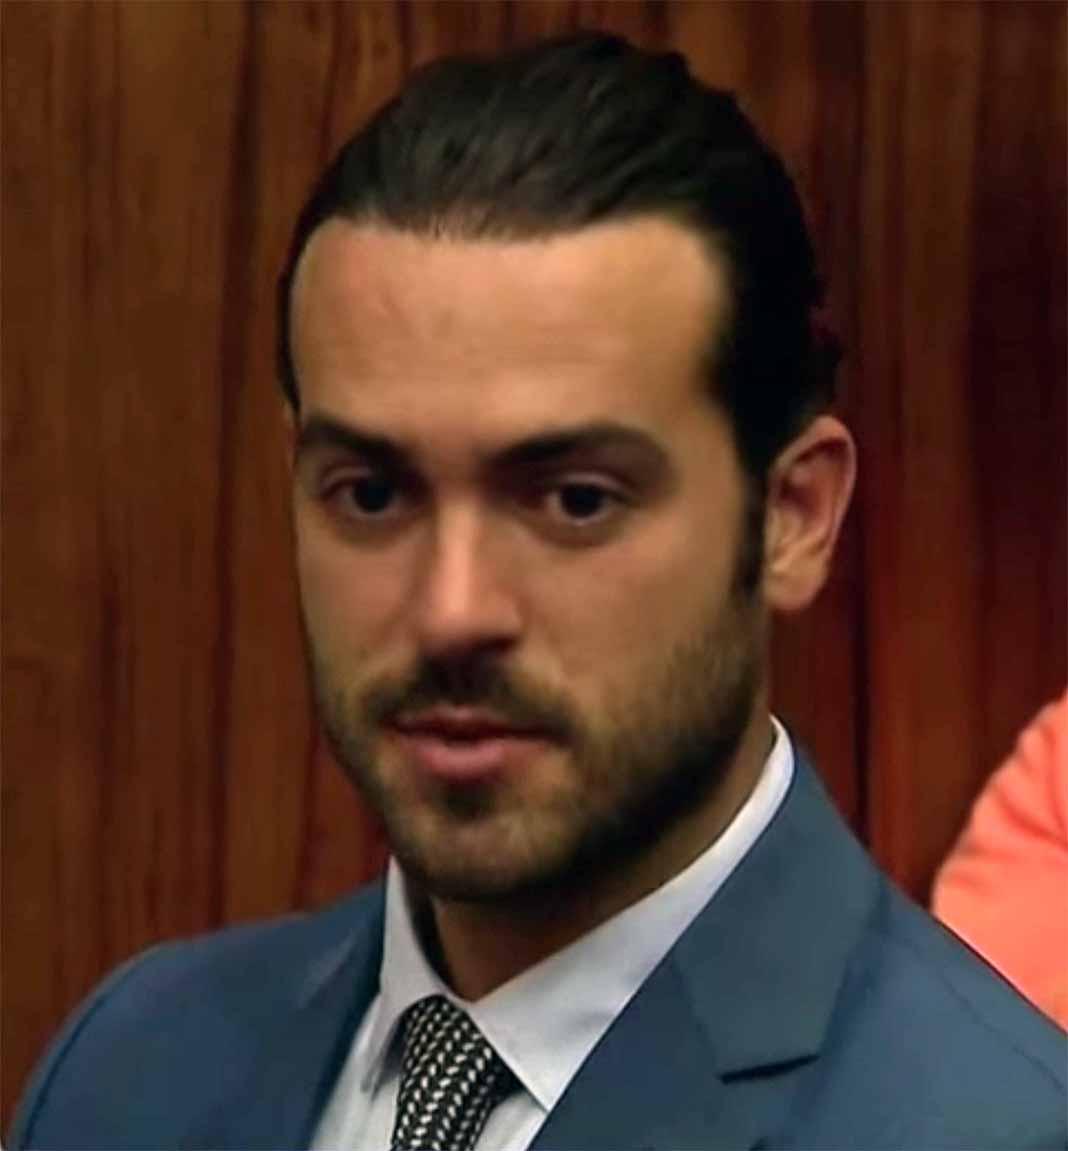 Algunos presentes en la Corte de Miami dijeron Pablo no mostraba ninguna expresión